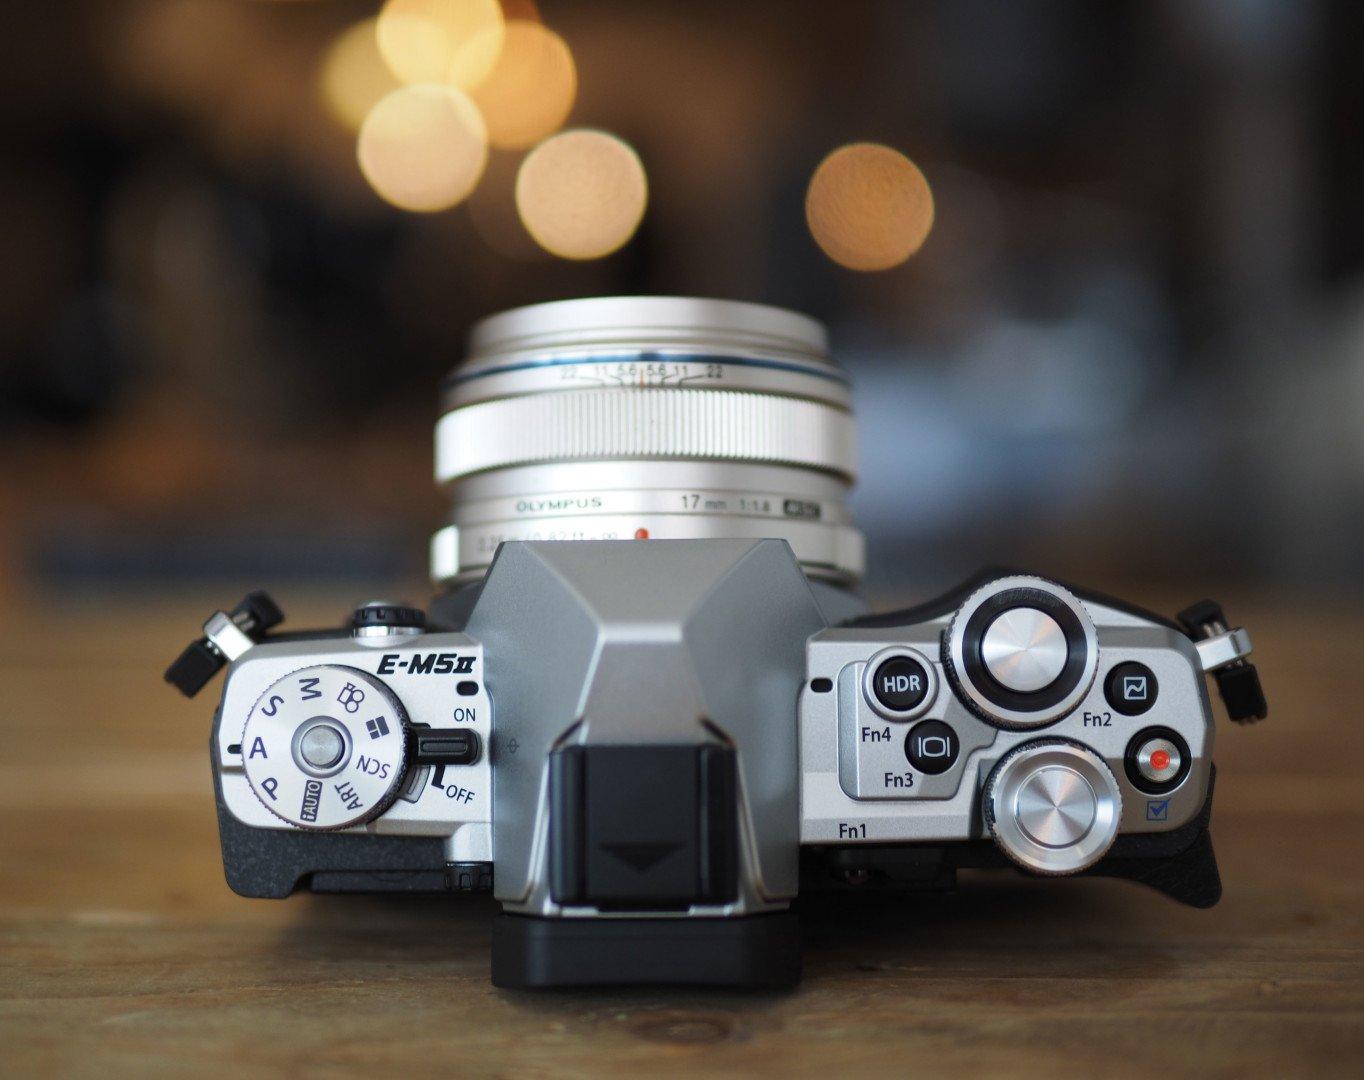 фотографы профи снимающие на фототехнику олимпус дело том, что